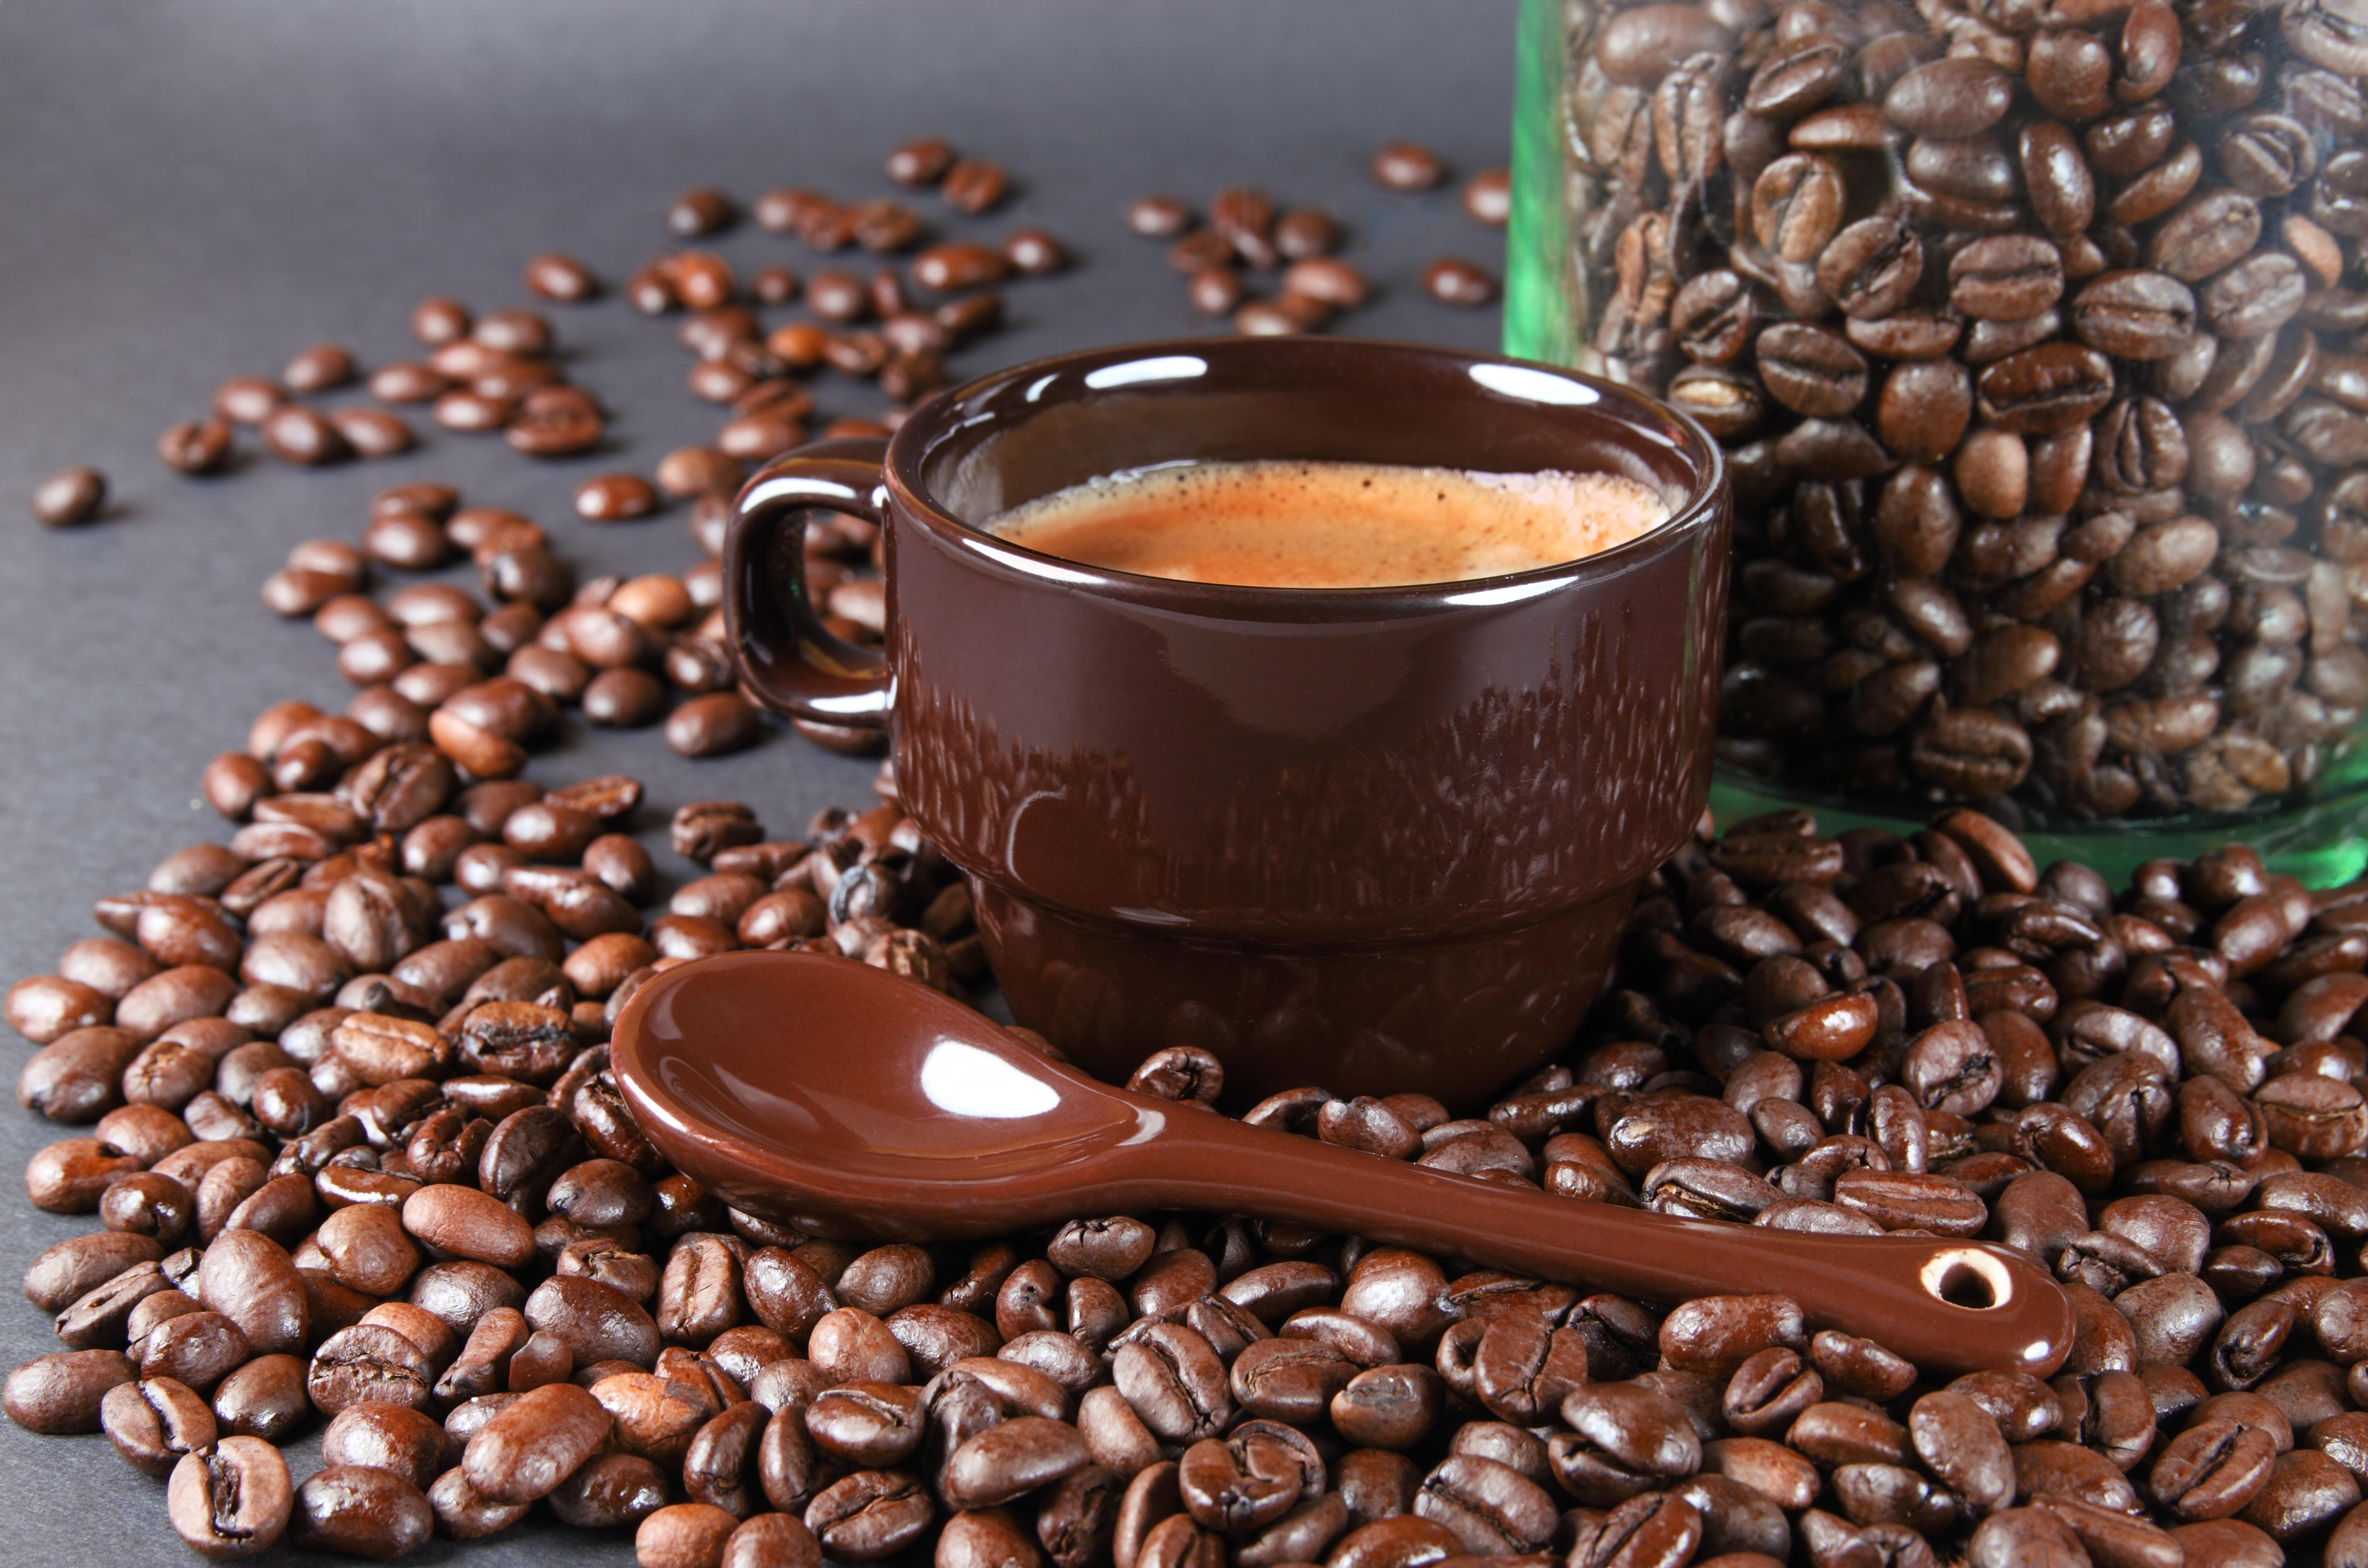 Кофе зерна чашка  № 2172447 без смс